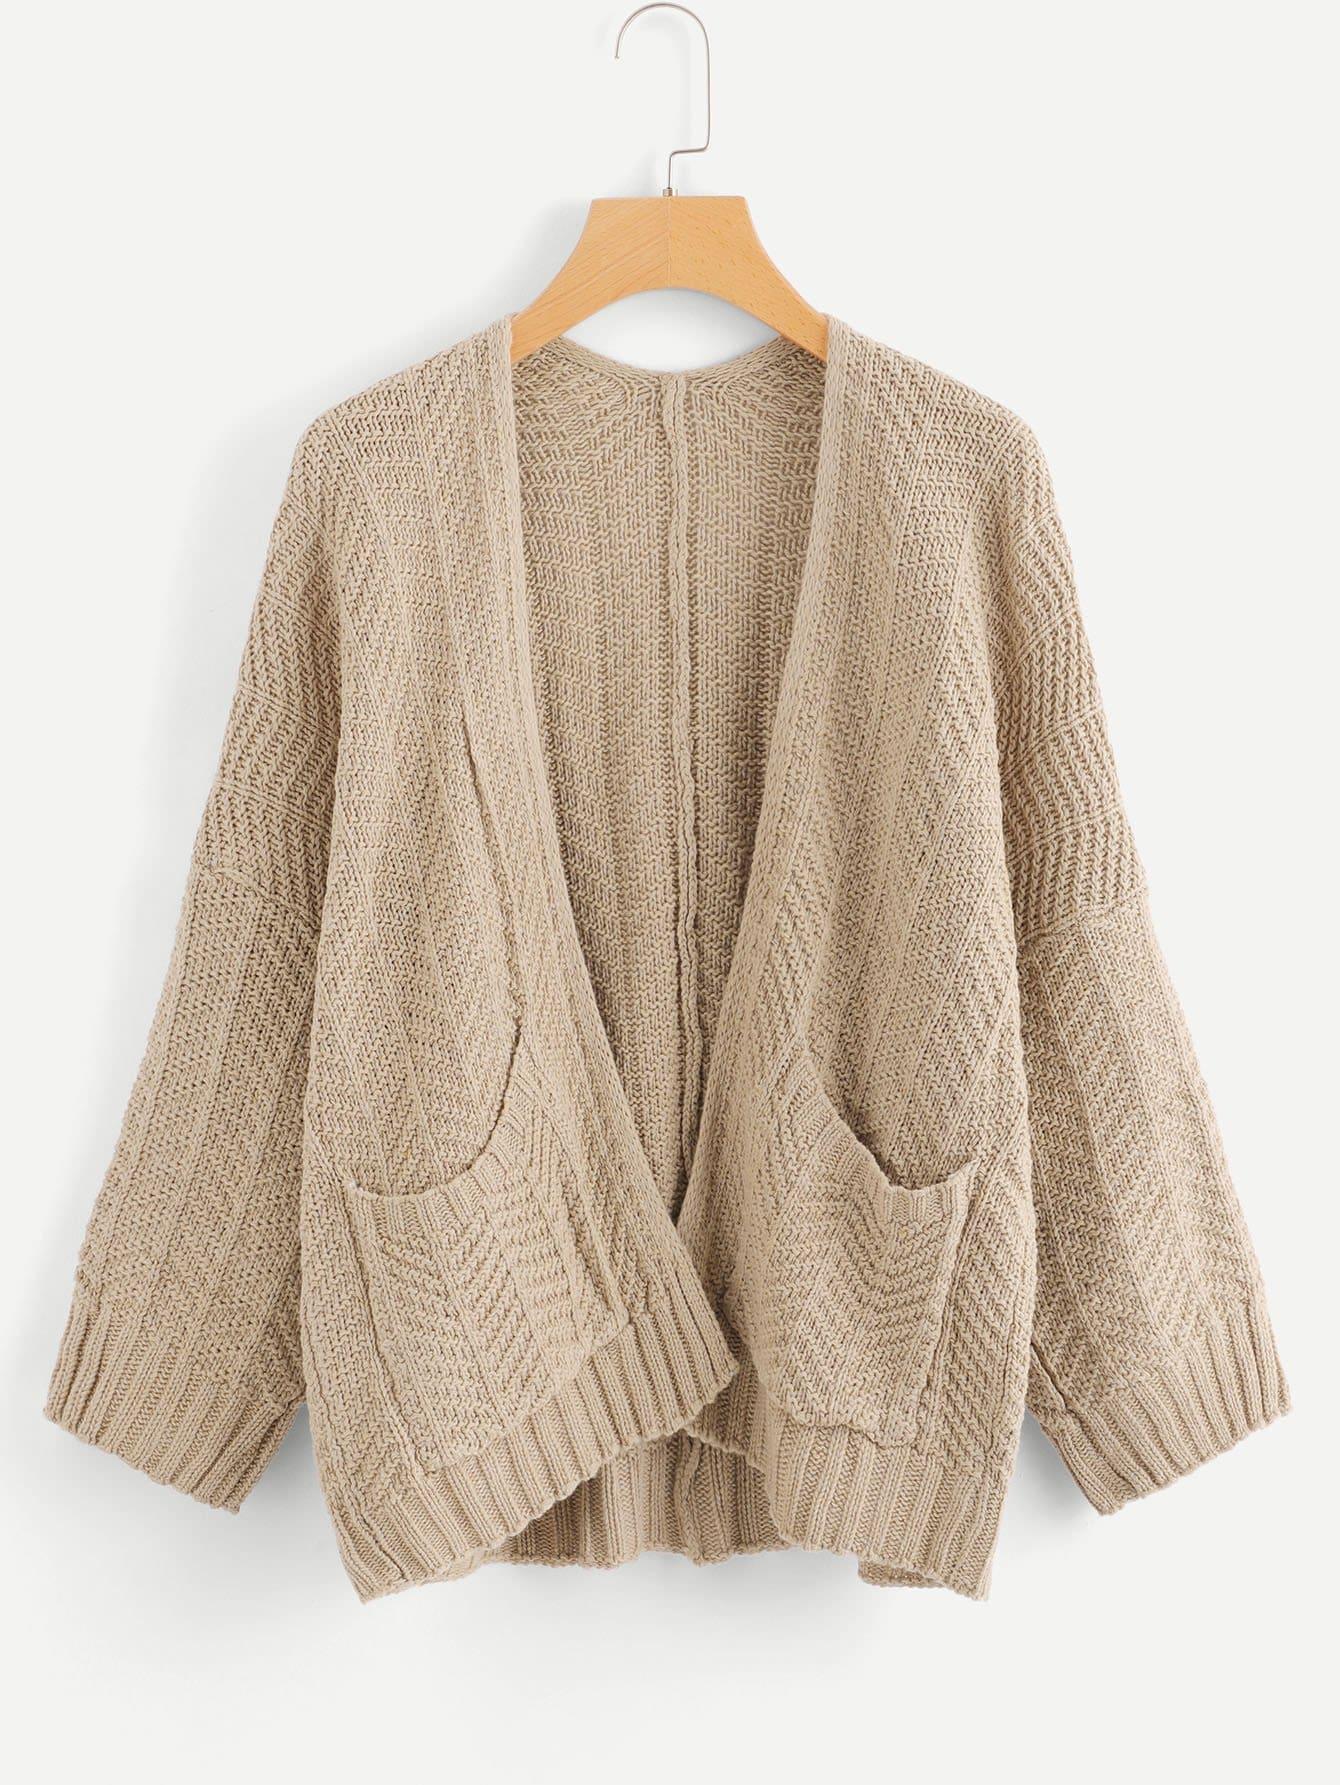 Купить Большое простое вязаное пальто с застёжкой молния, null, SheIn